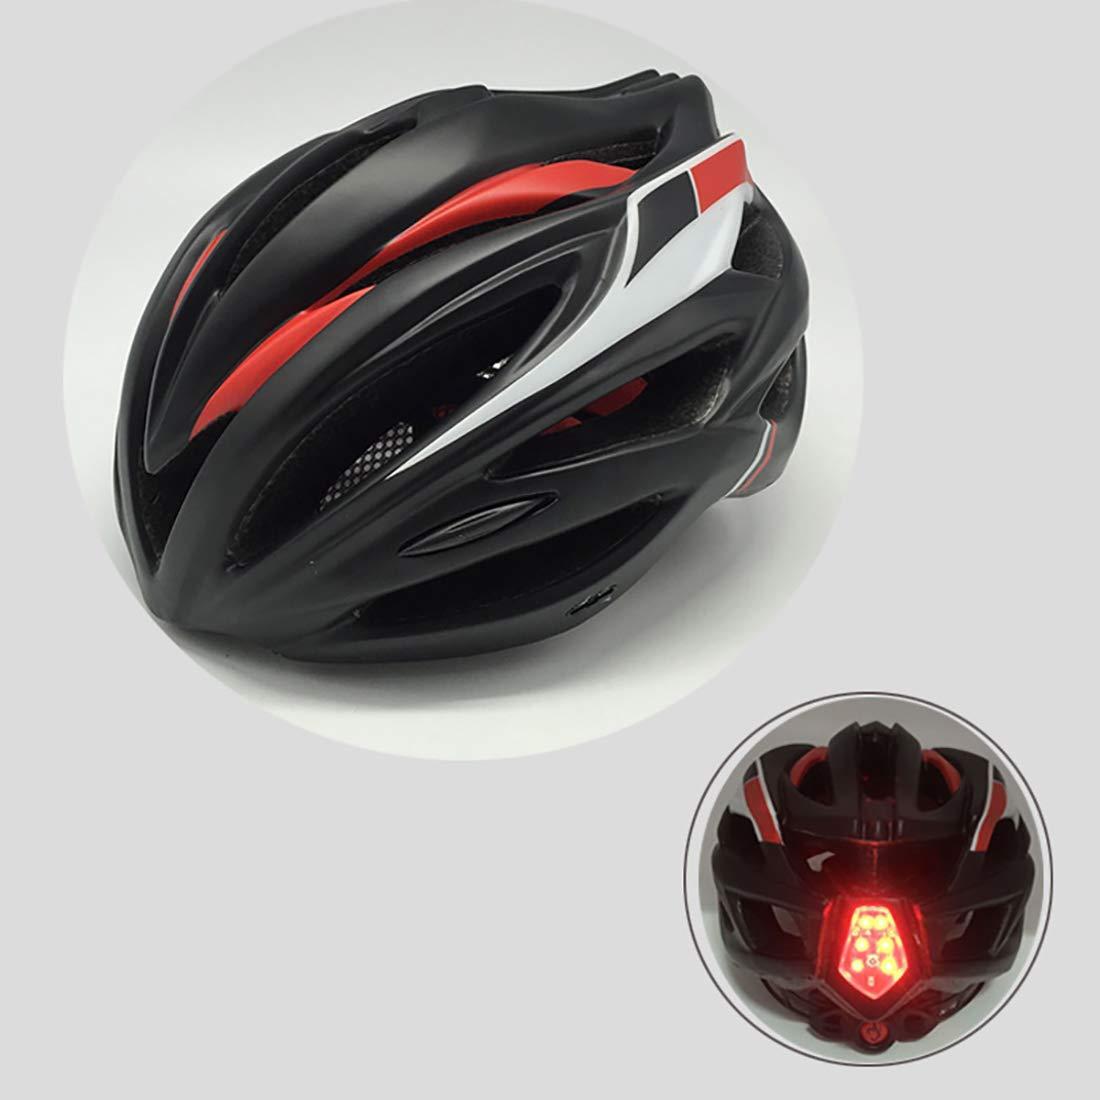 Kamiwwso Airflow-Fahrradhelm mit eingegossenem Verstärkungsskelett für zusätzlichen Schutz Erwachsener Fahrradhelm Mountainbike (Farbe   ROT)